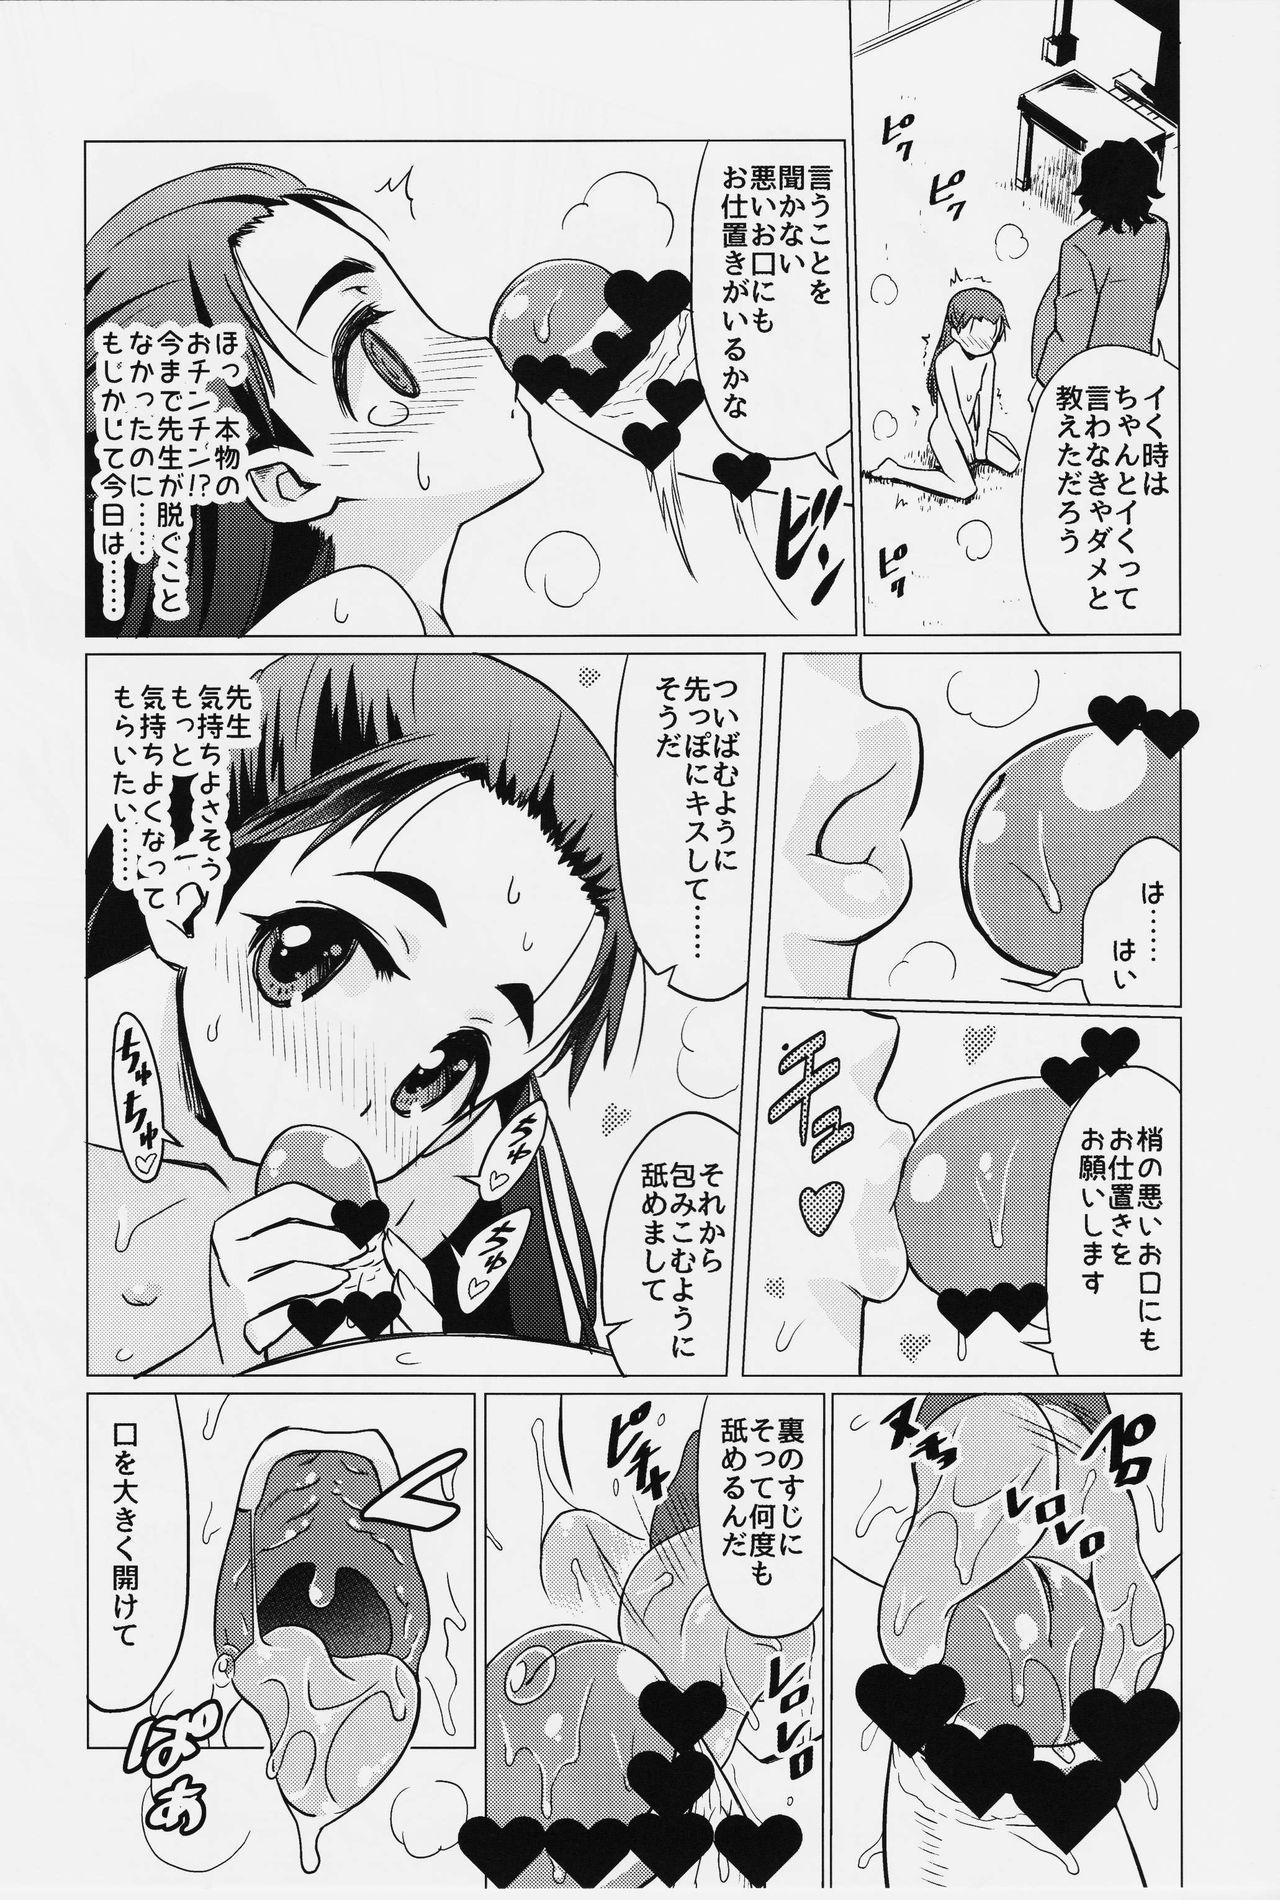 Osanai Kozue no Maso Taibatsu Shigan 11